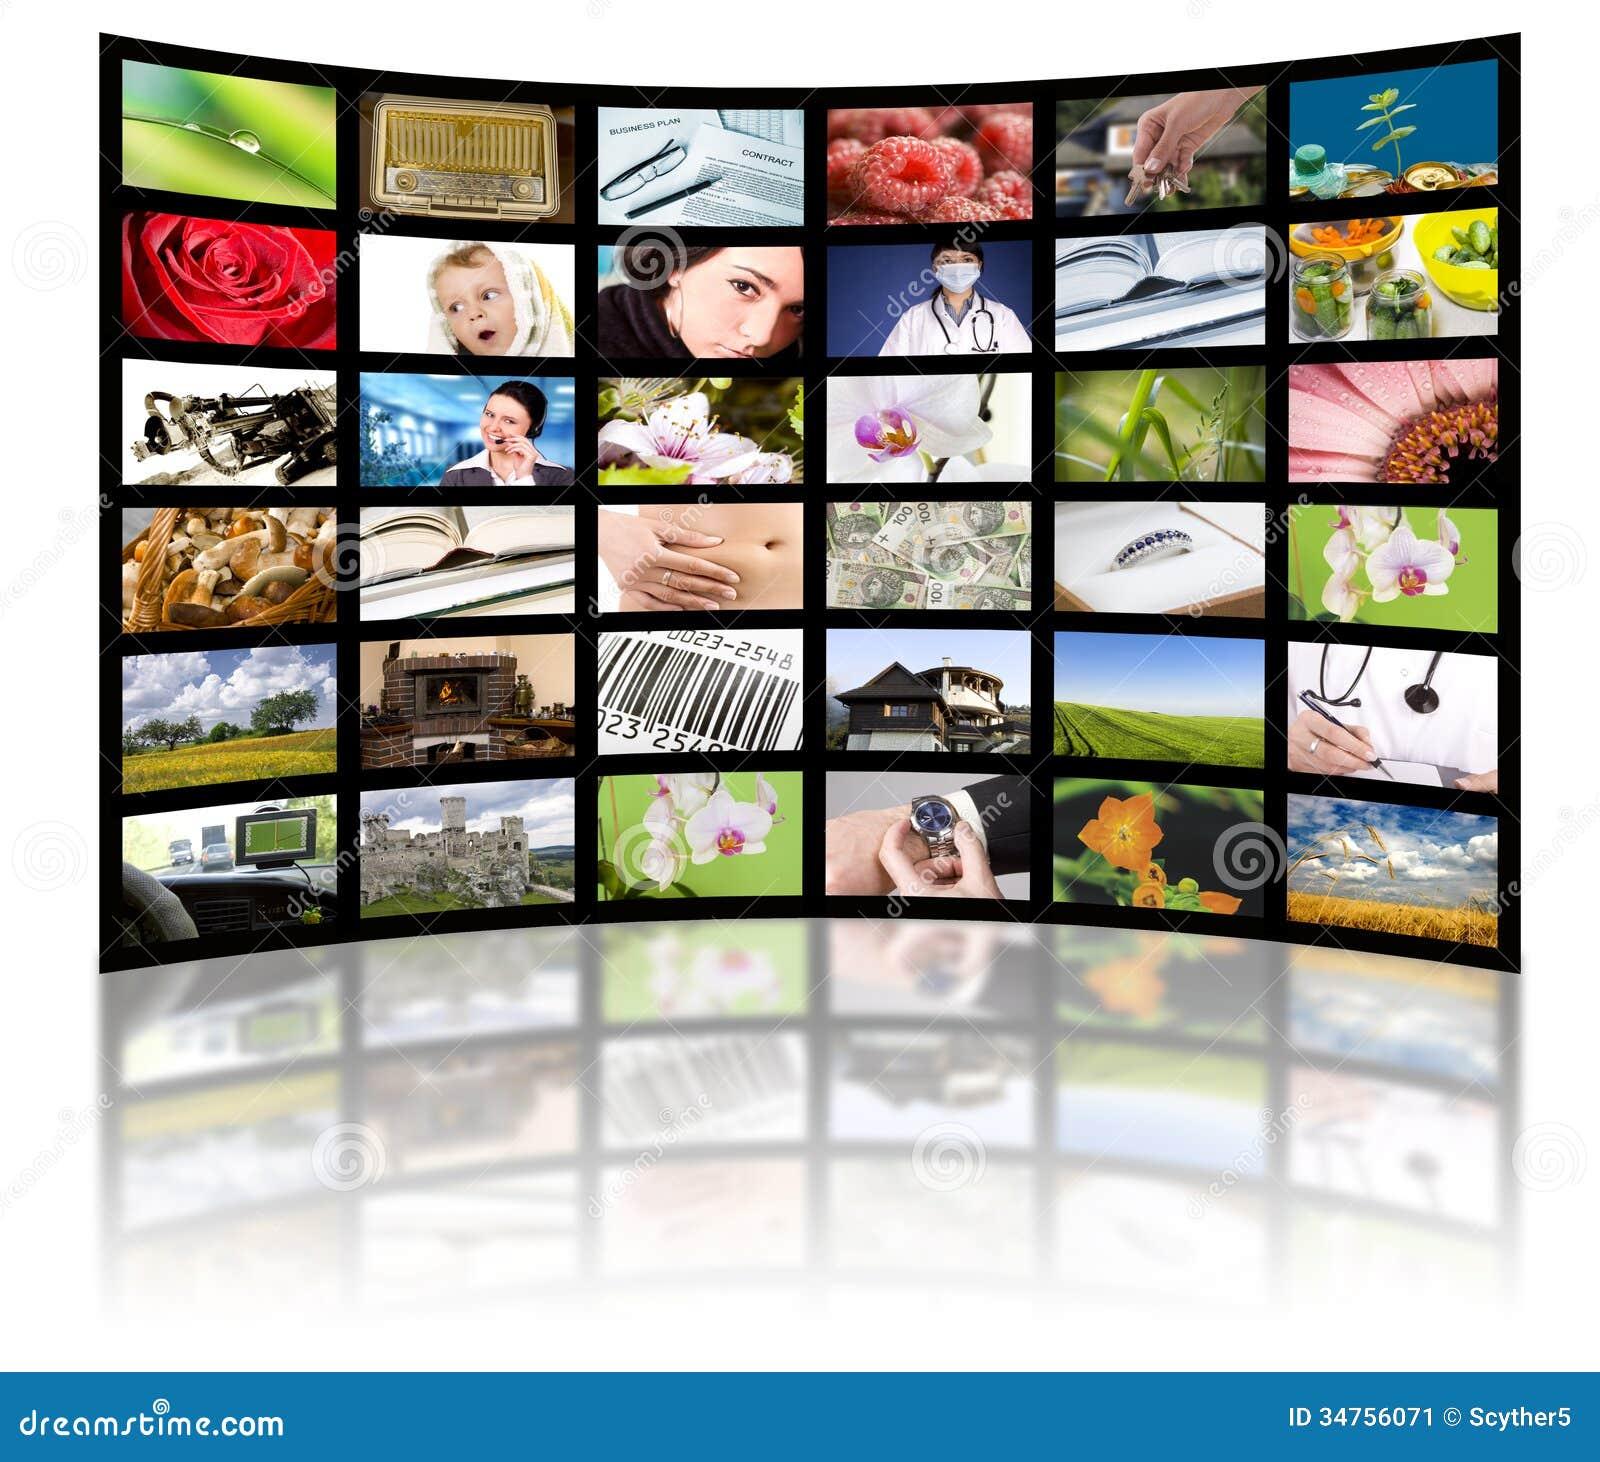 Fernsehproduktionskonzept. Fernsehfilmplatten